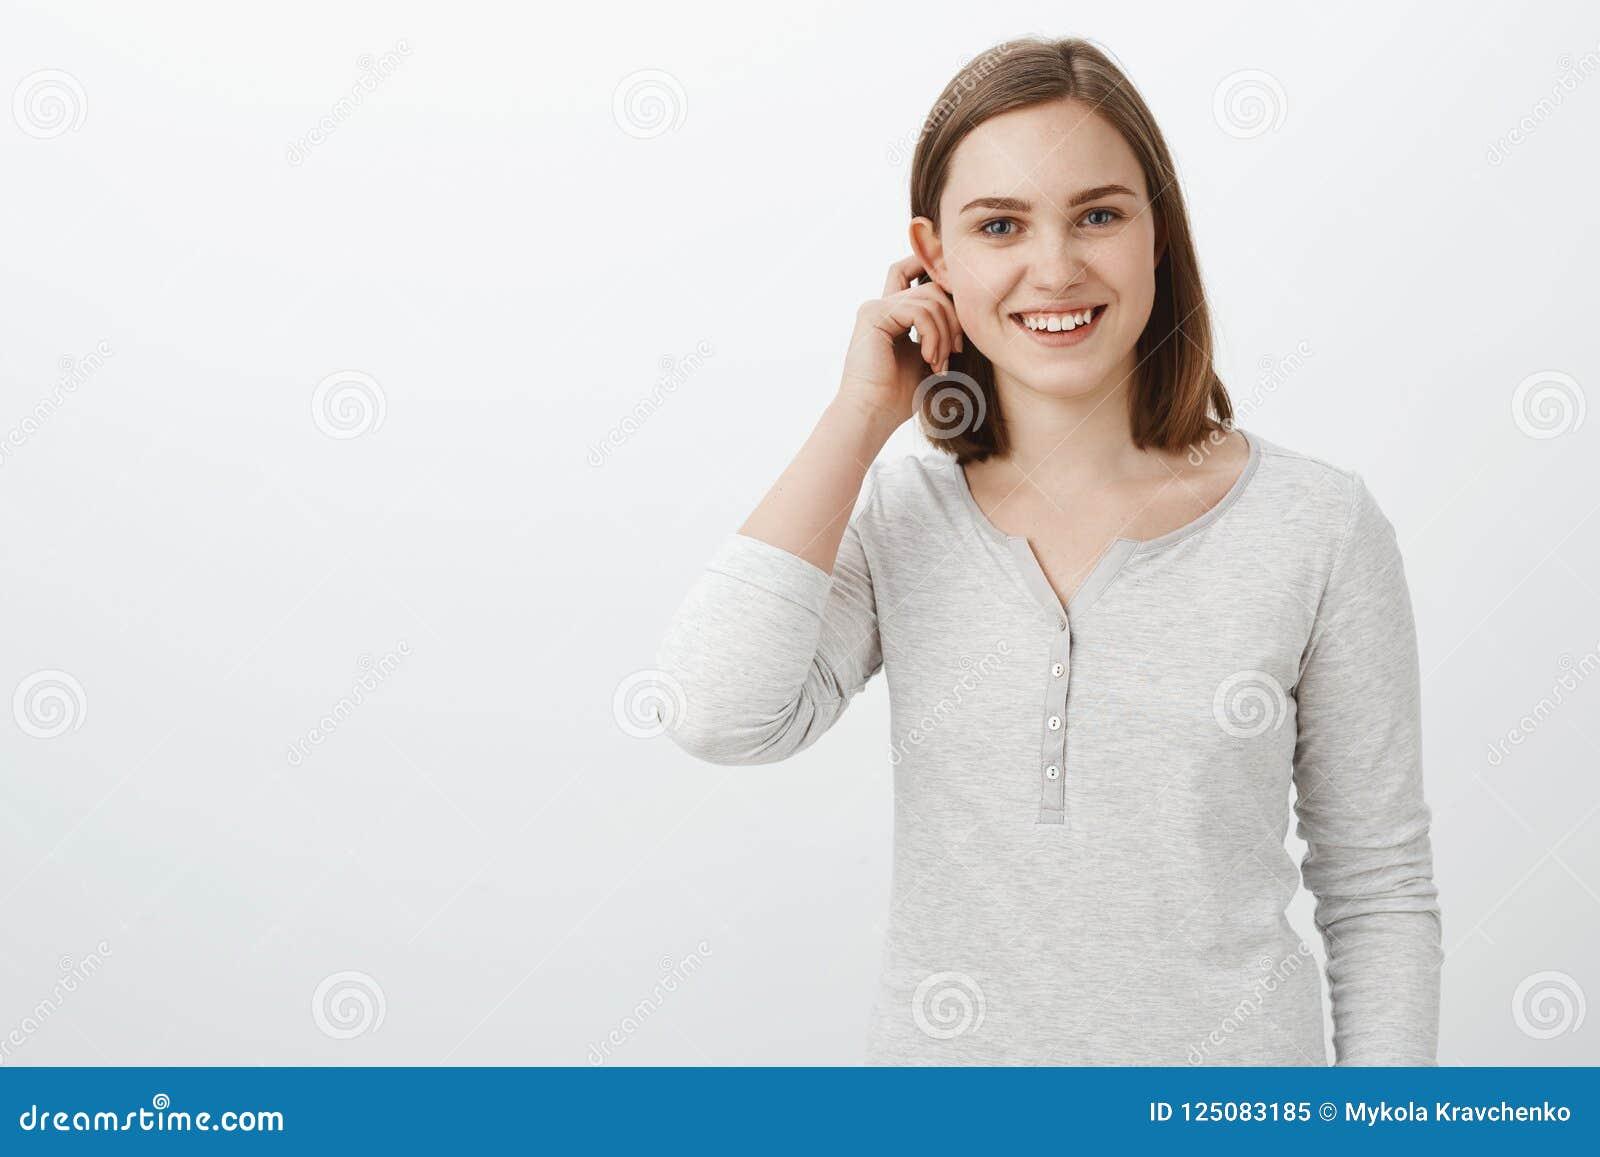 Śliczna budzący emocje nastoletnia dziewczyna w przypadkowej bluzce trzepocze włosy za flapped uszatym i uśmiecha się szeroko czu